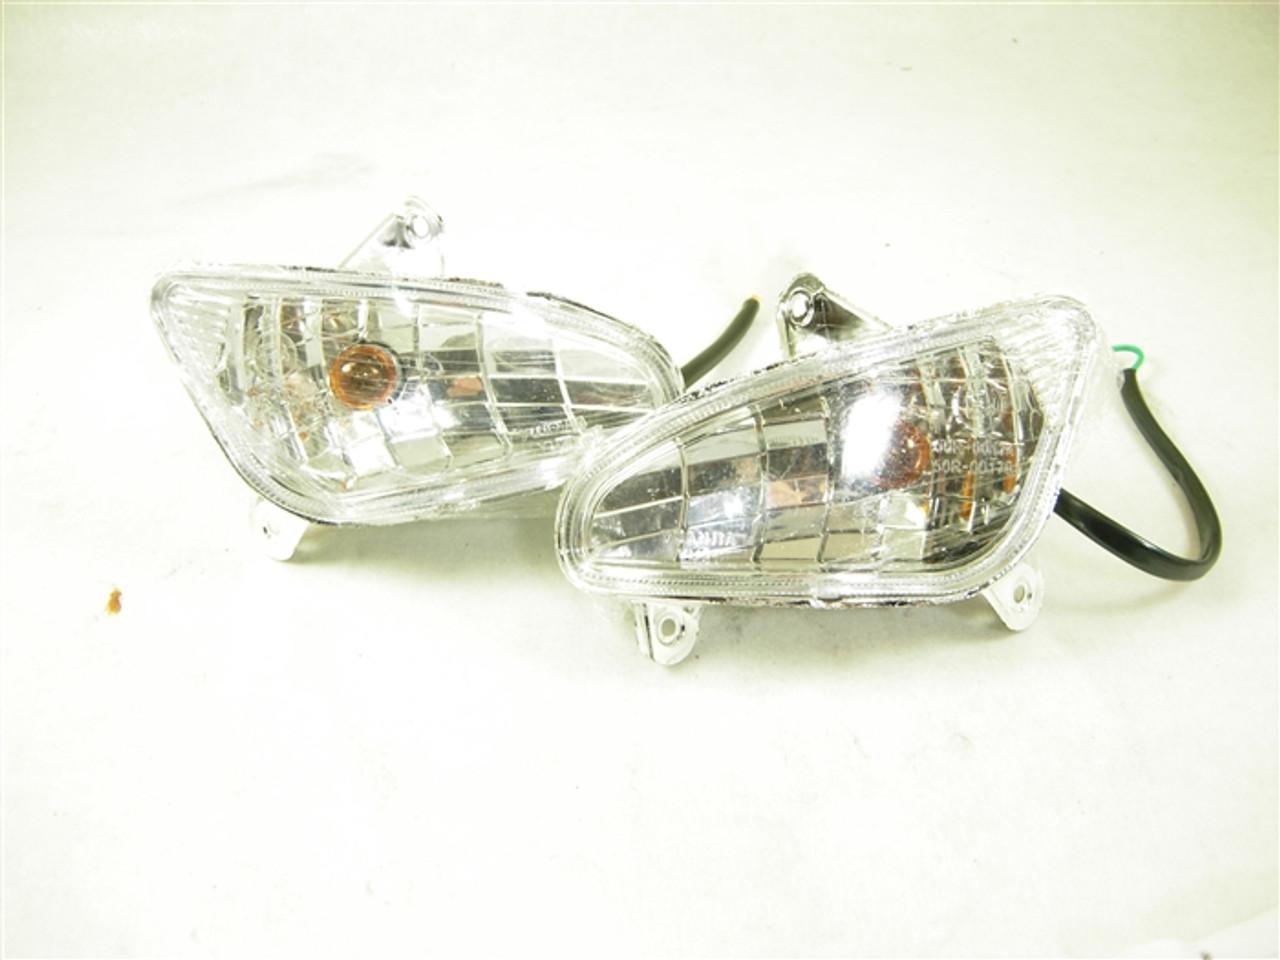 SIGNAL LIGHT REAR SET 10747-A42-9